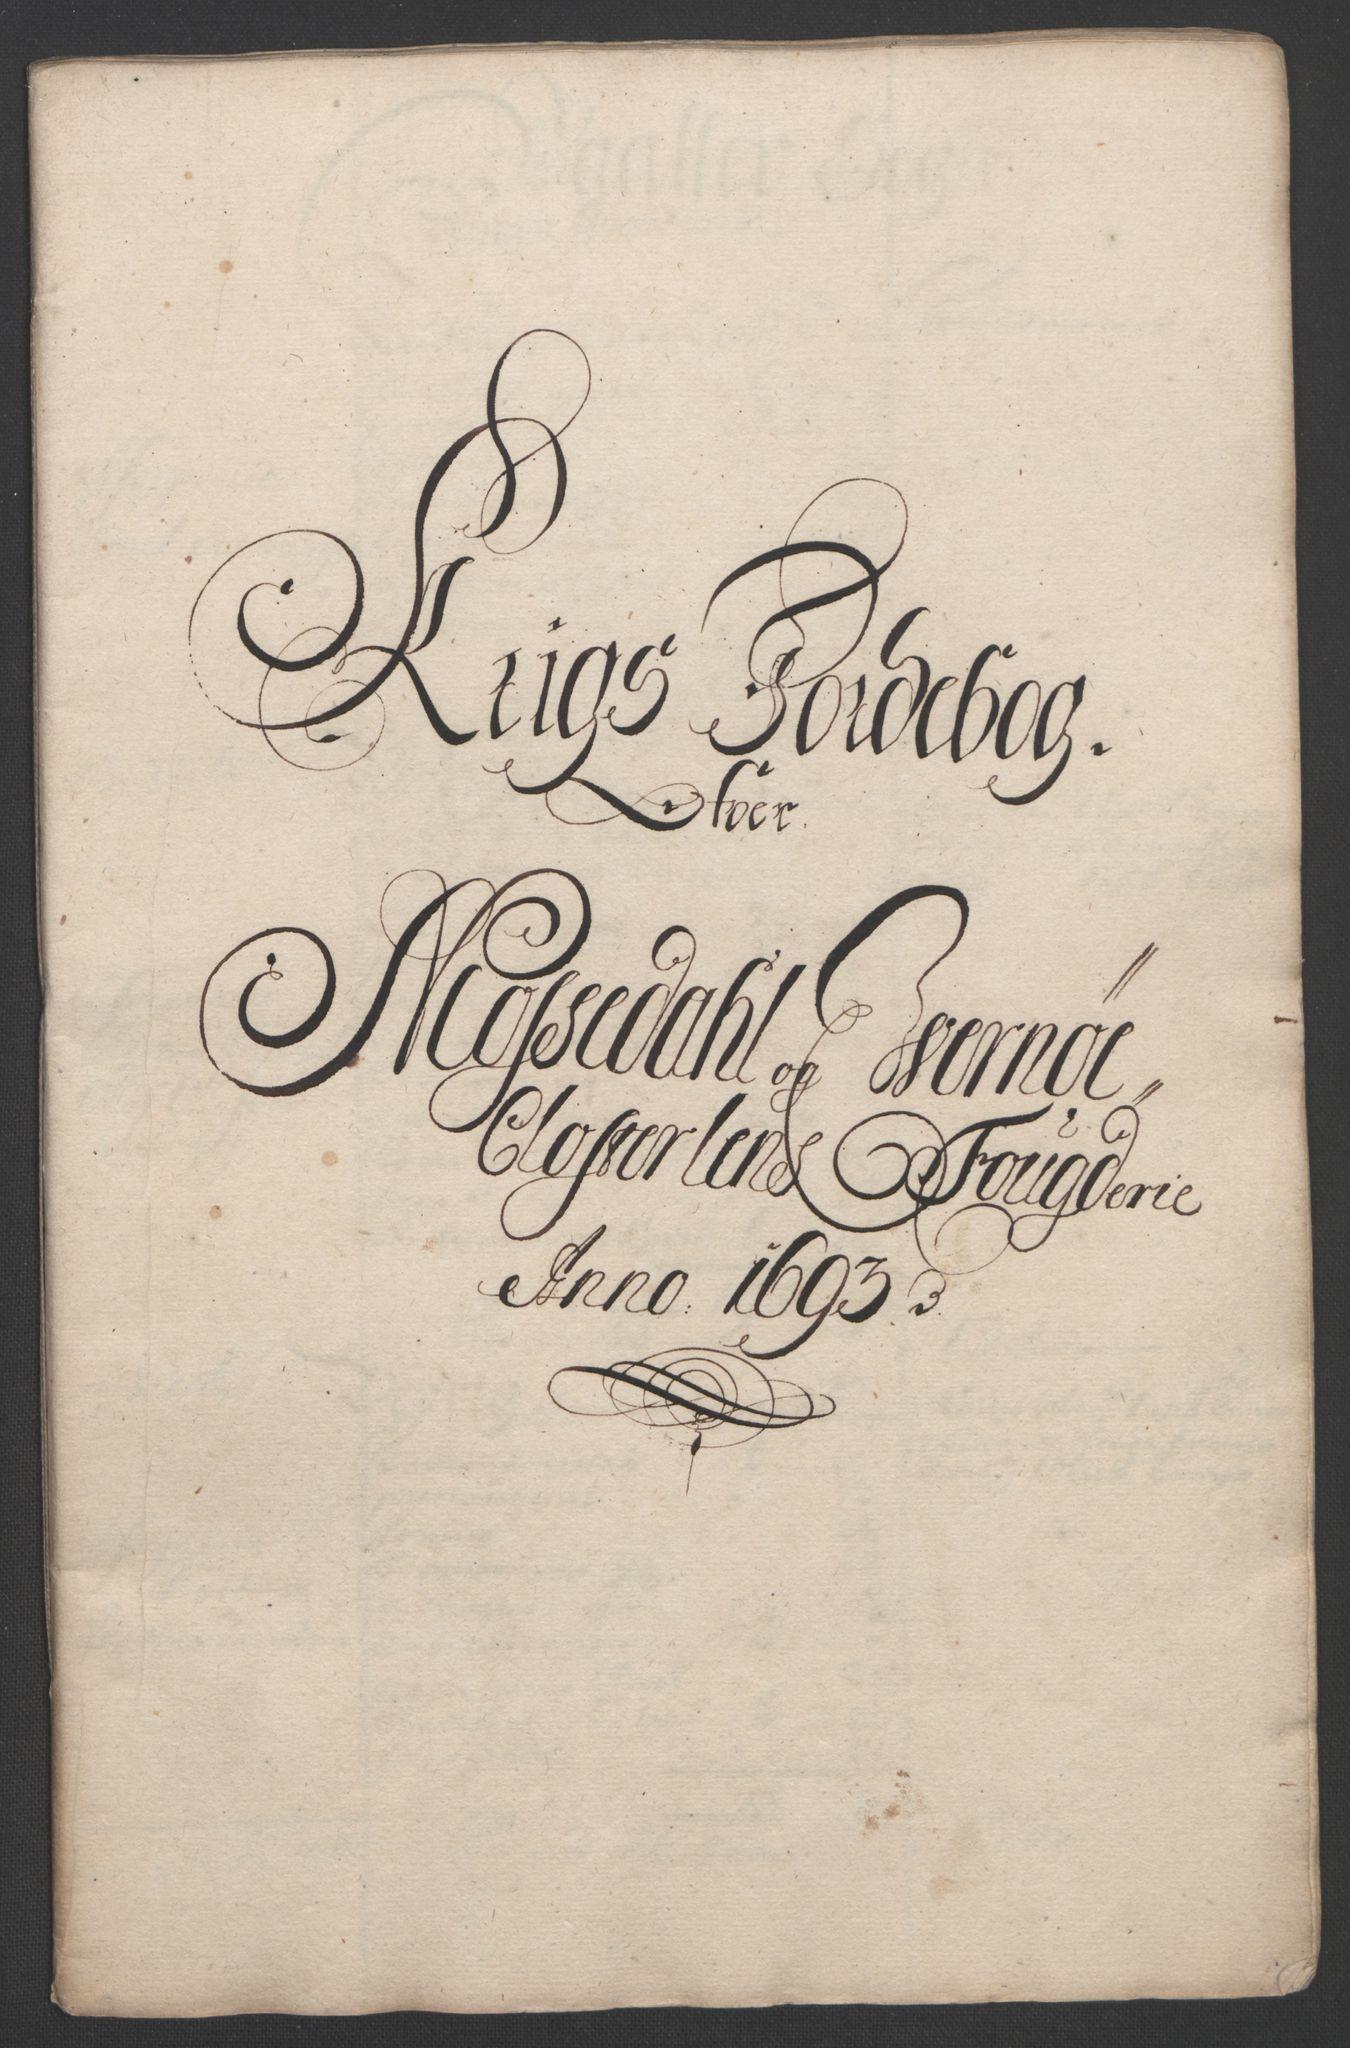 RA, Rentekammeret inntil 1814, Reviderte regnskaper, Fogderegnskap, R02/L0108: Fogderegnskap Moss og Verne kloster, 1692-1693, p. 347